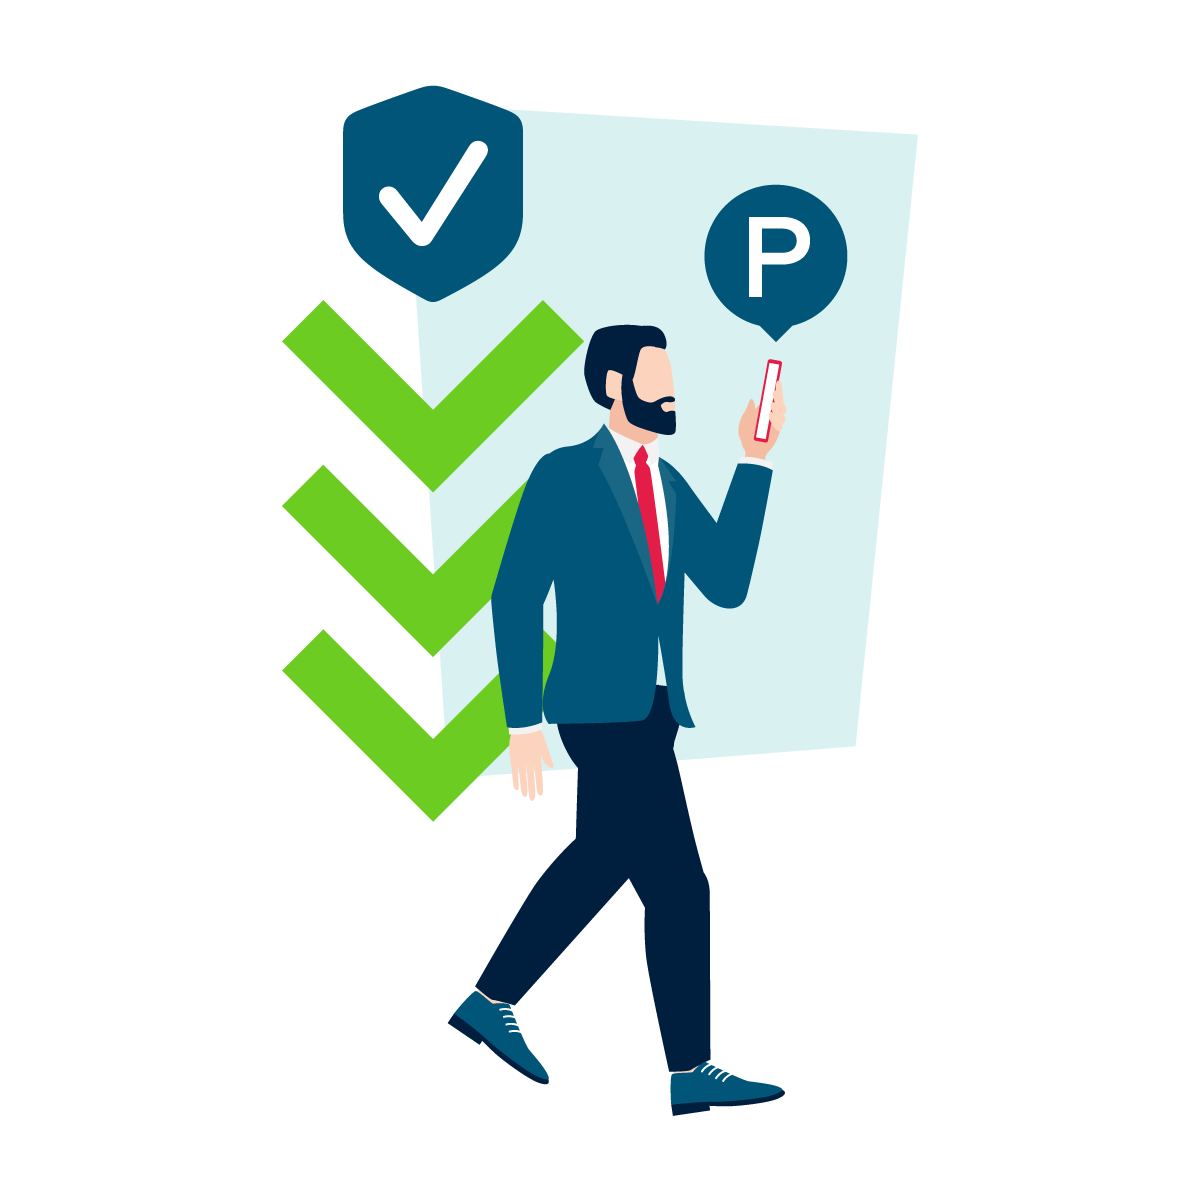 Veilig op stap begint met contactloos parkeren